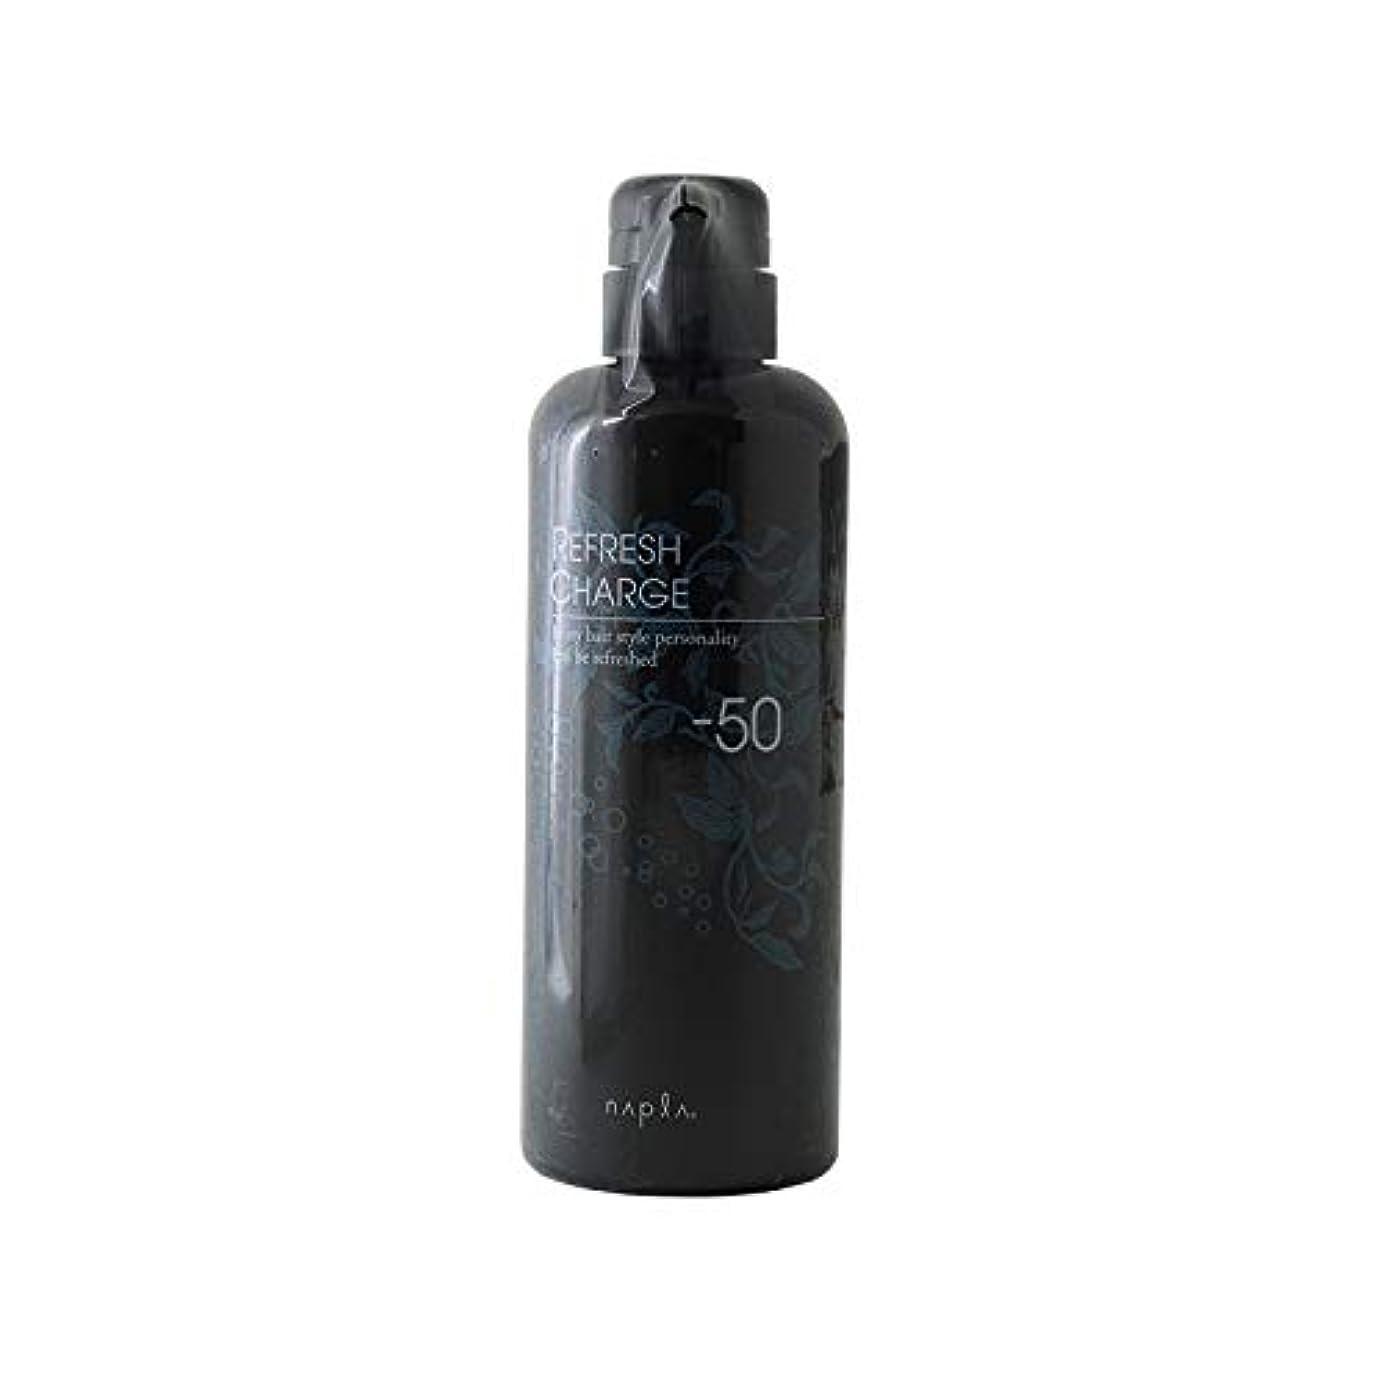 コジオスコフォーク残酷リフレッシュスキャルプ リフレッシュチャージ -50(500ml)